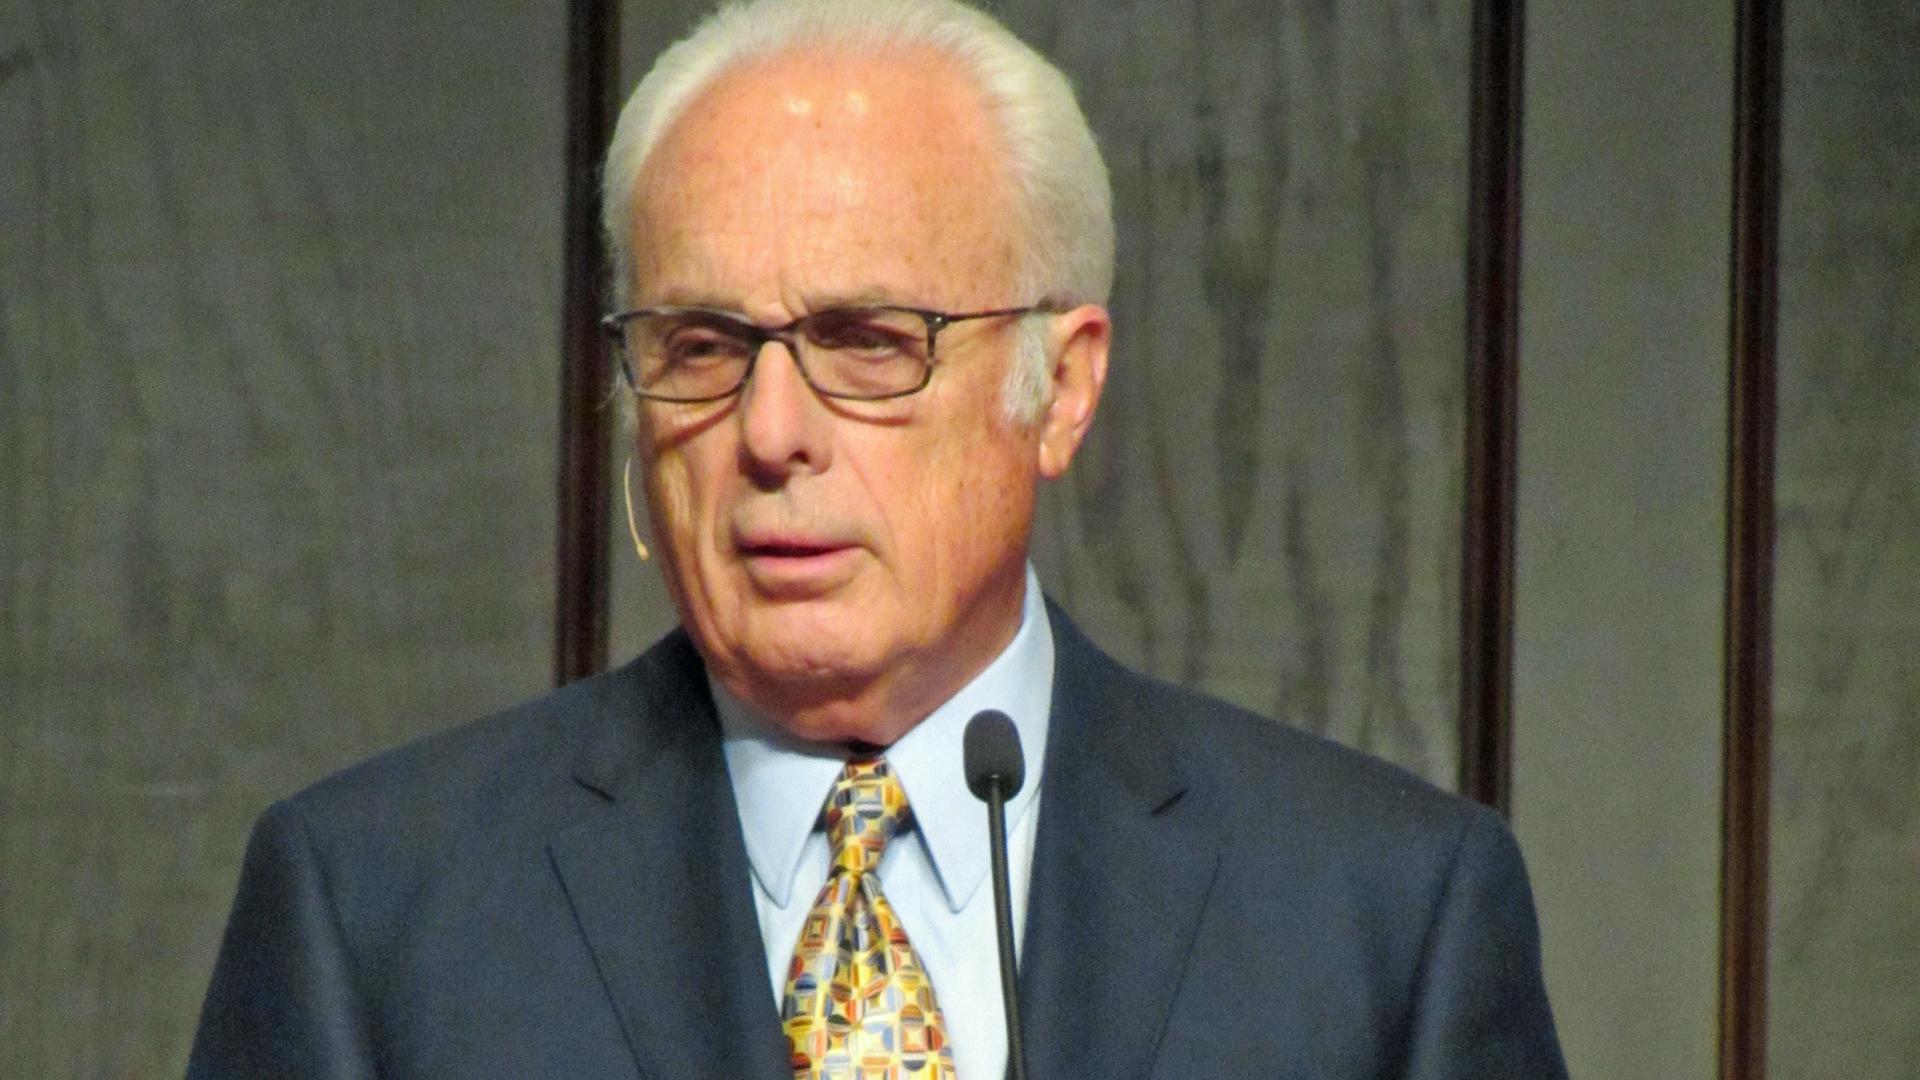 John MacArthur gilt als brillanter Bibelkenner, der allerdings mit Kollegen hart ins Gericht geht, die andere Ansätze oder Ansichten verfolgen